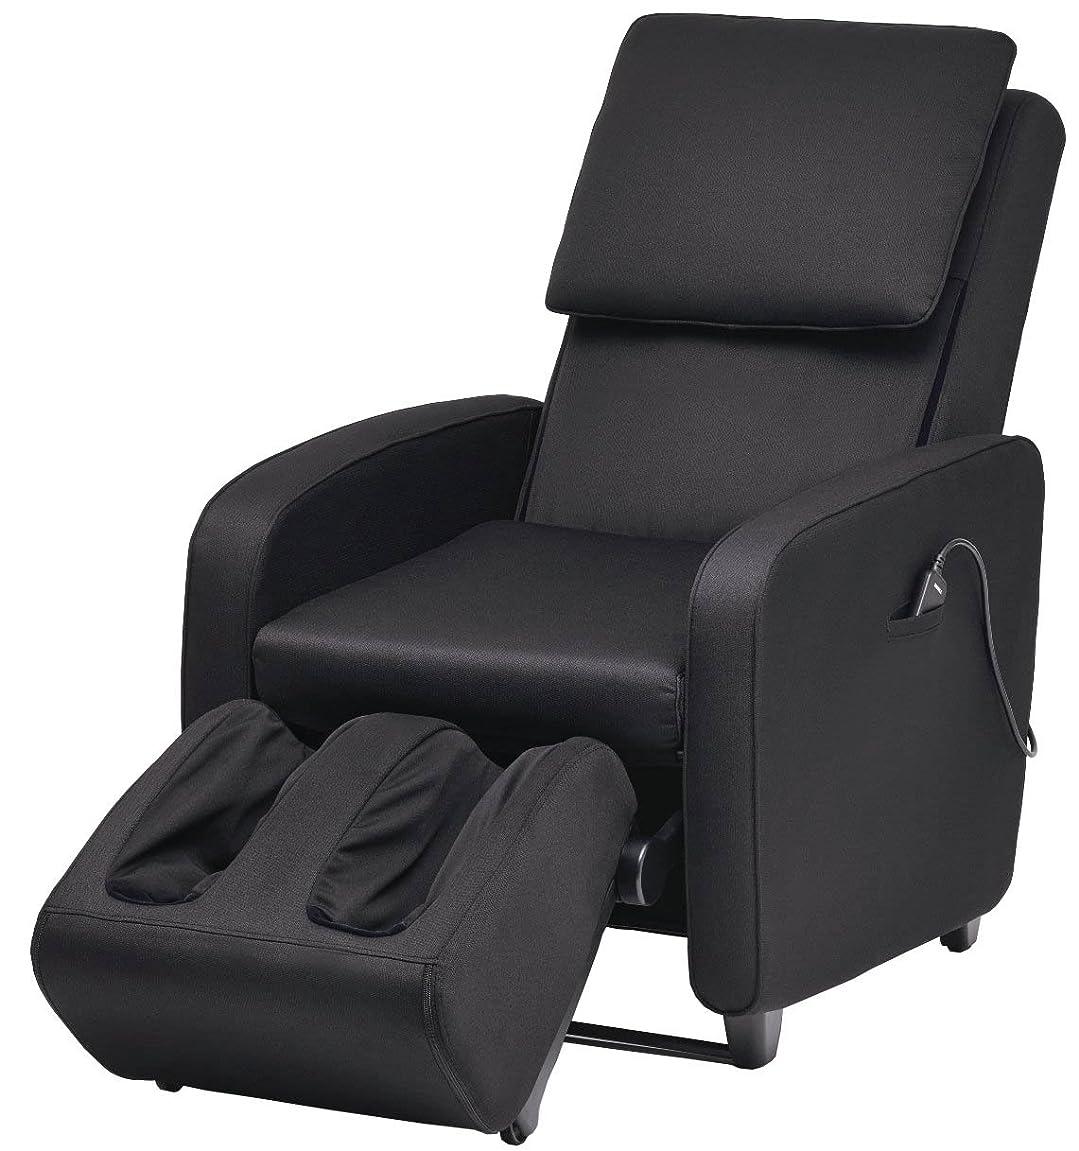 衣服評価職人スライヴ マッサージソファ くつろぎ指定席 ファブリック ブラック CHD-7400(FK)